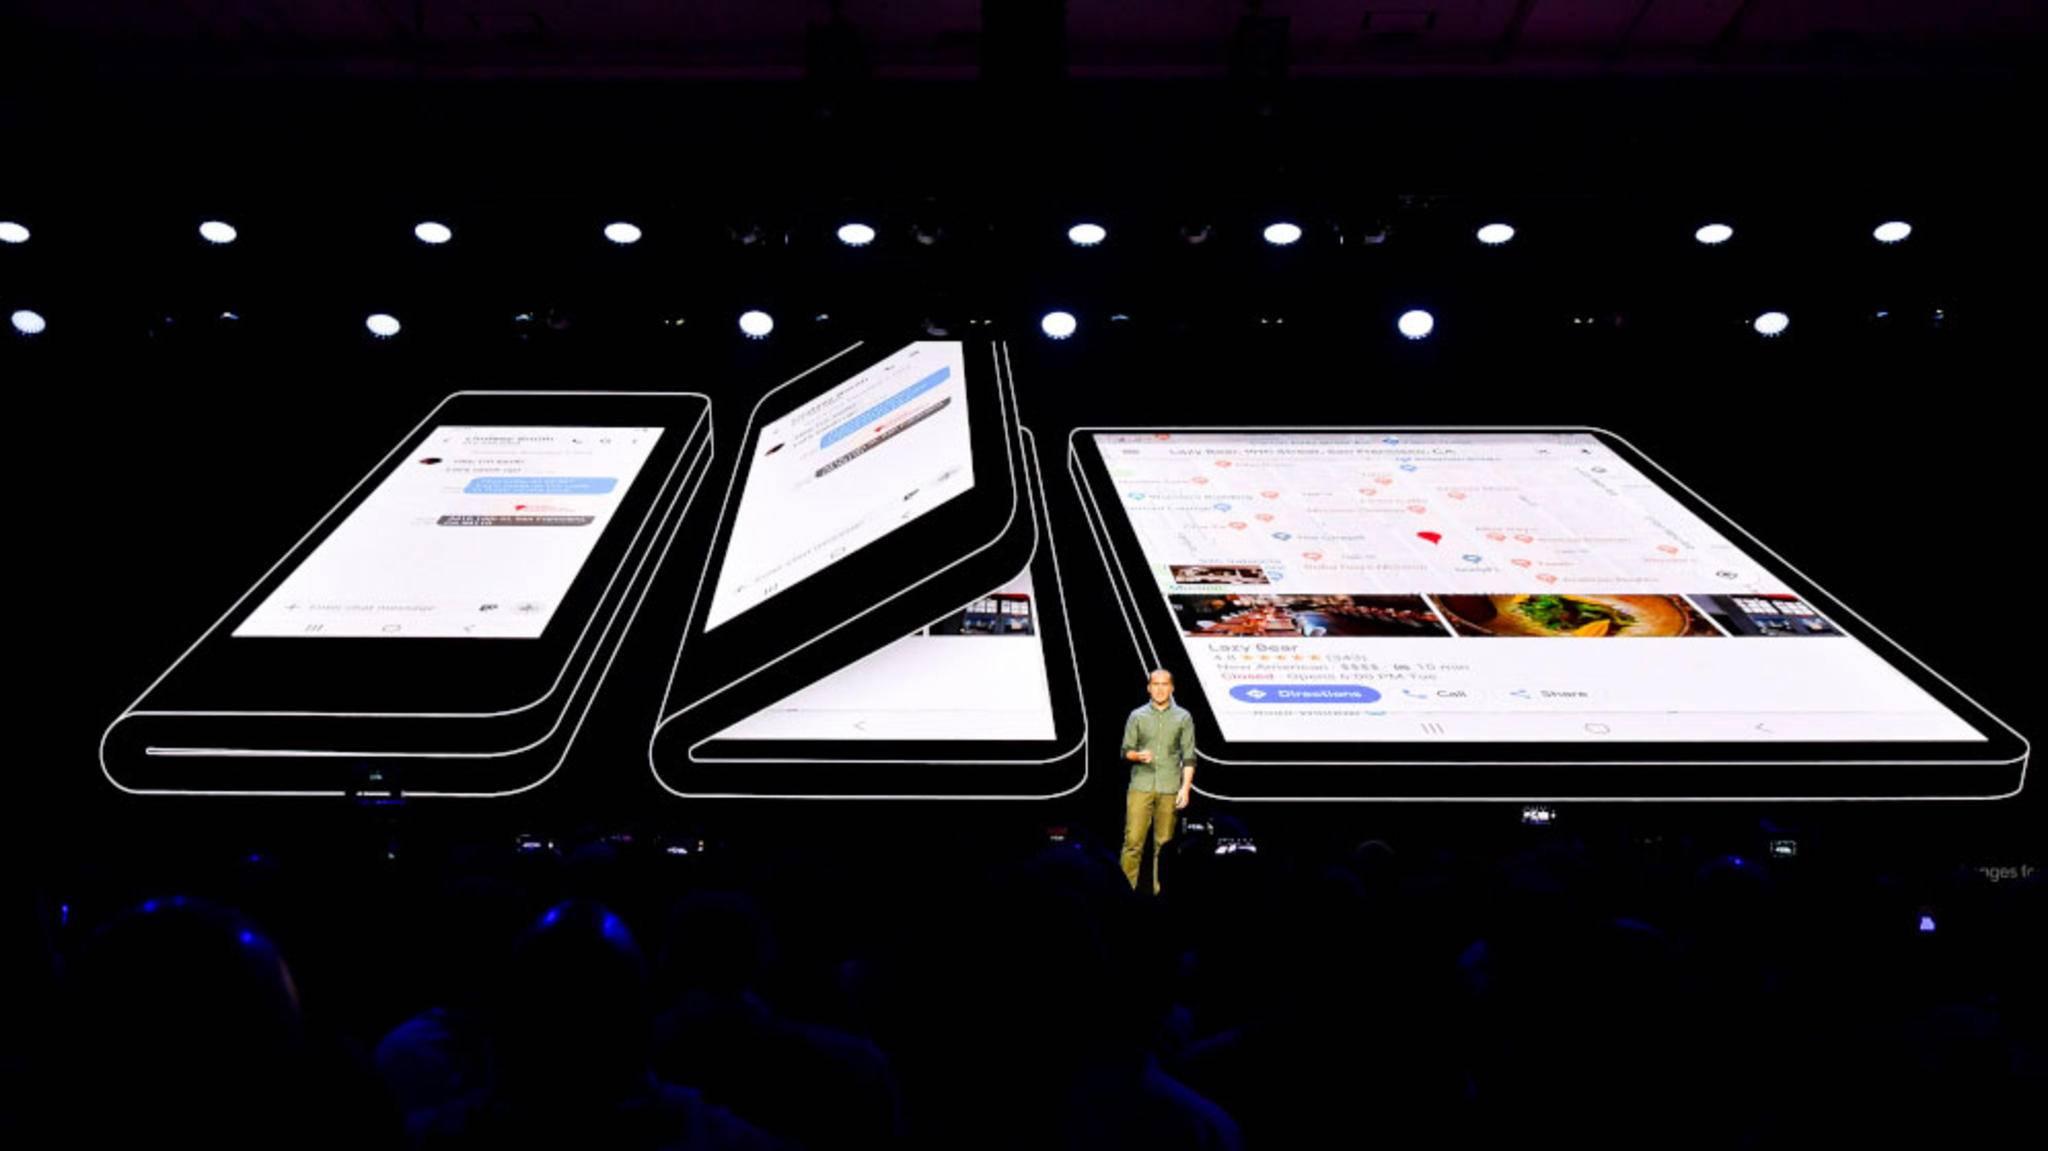 Samsung gewährte einen ersten Blick auf das neue faltbare Smartphone, das 2019 erscheinen dürfte.